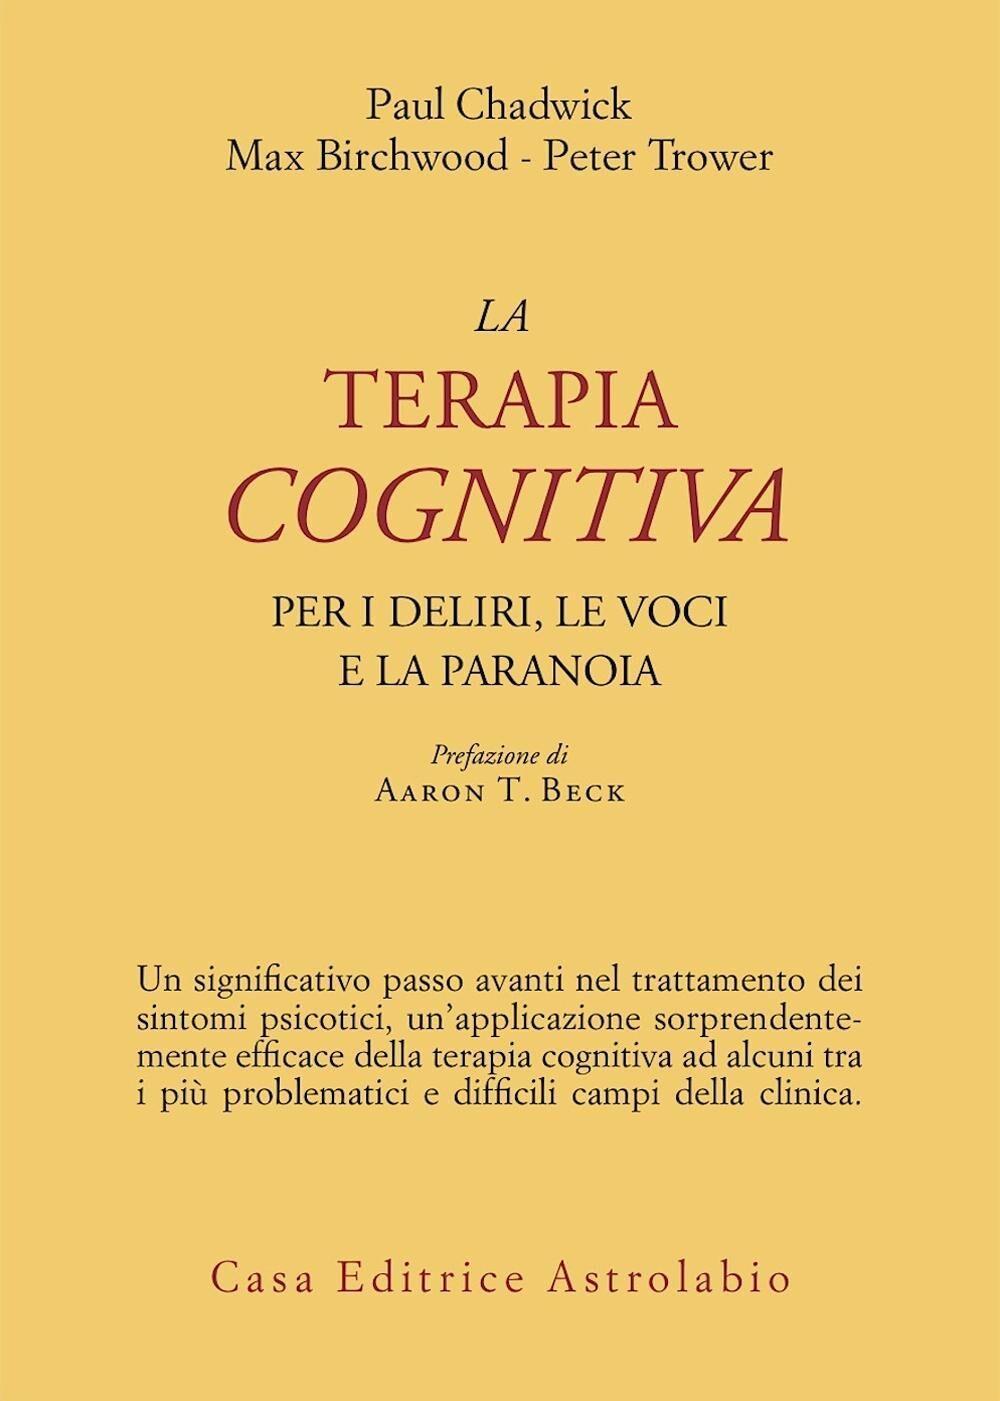 La terapia cognitiva per i deliri, le voci e la paranoia